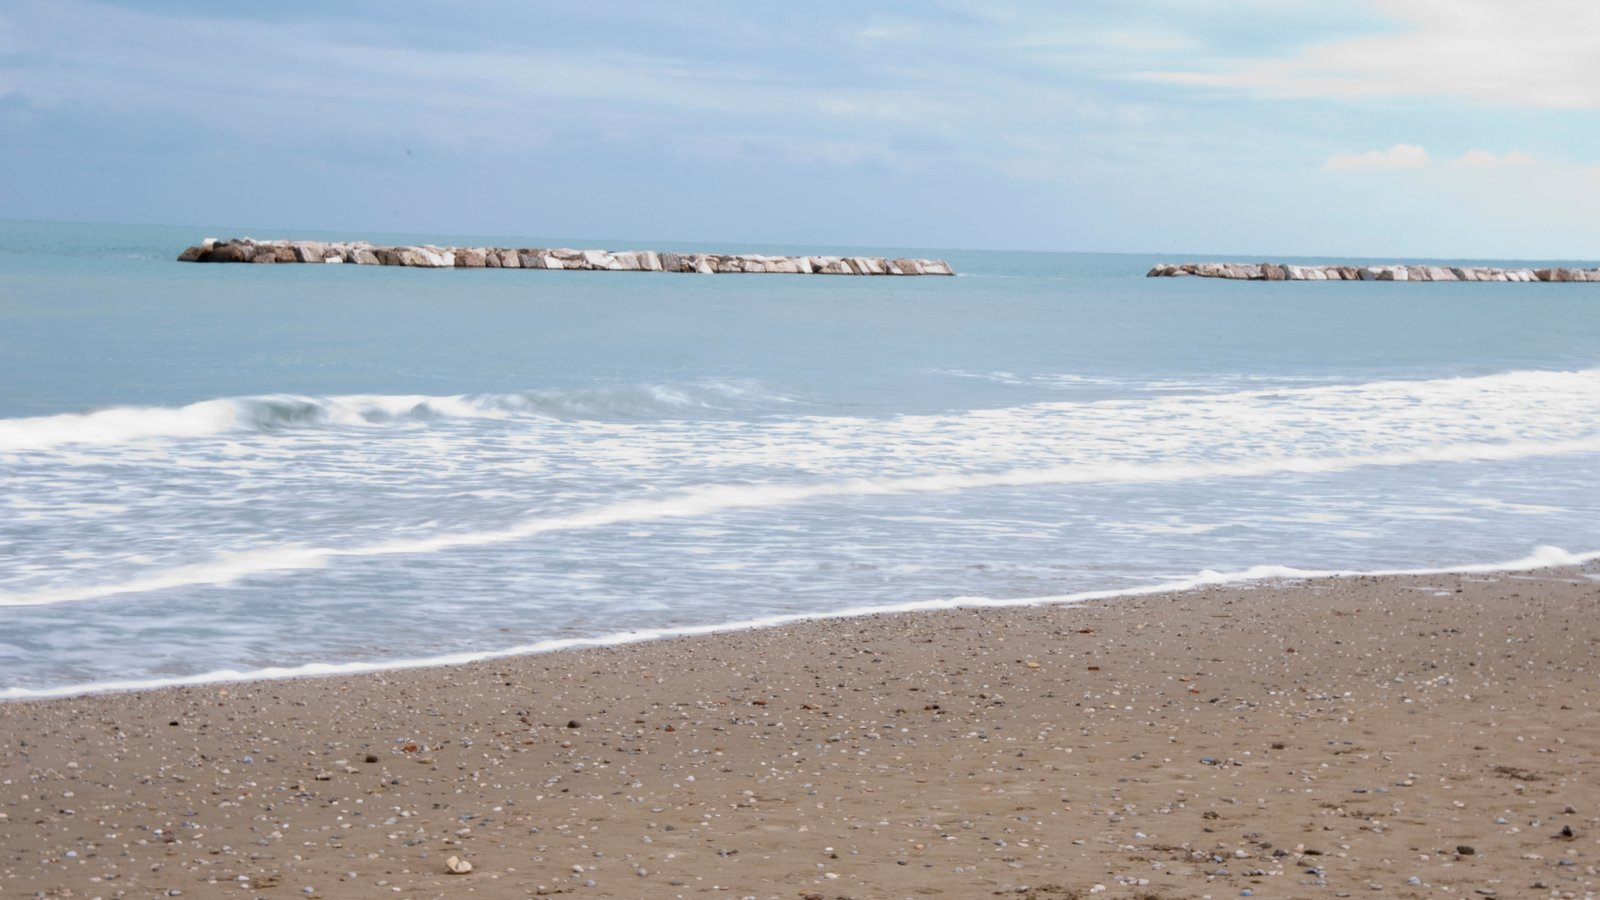 San Benedetto del Tronto which includes a sandy beach